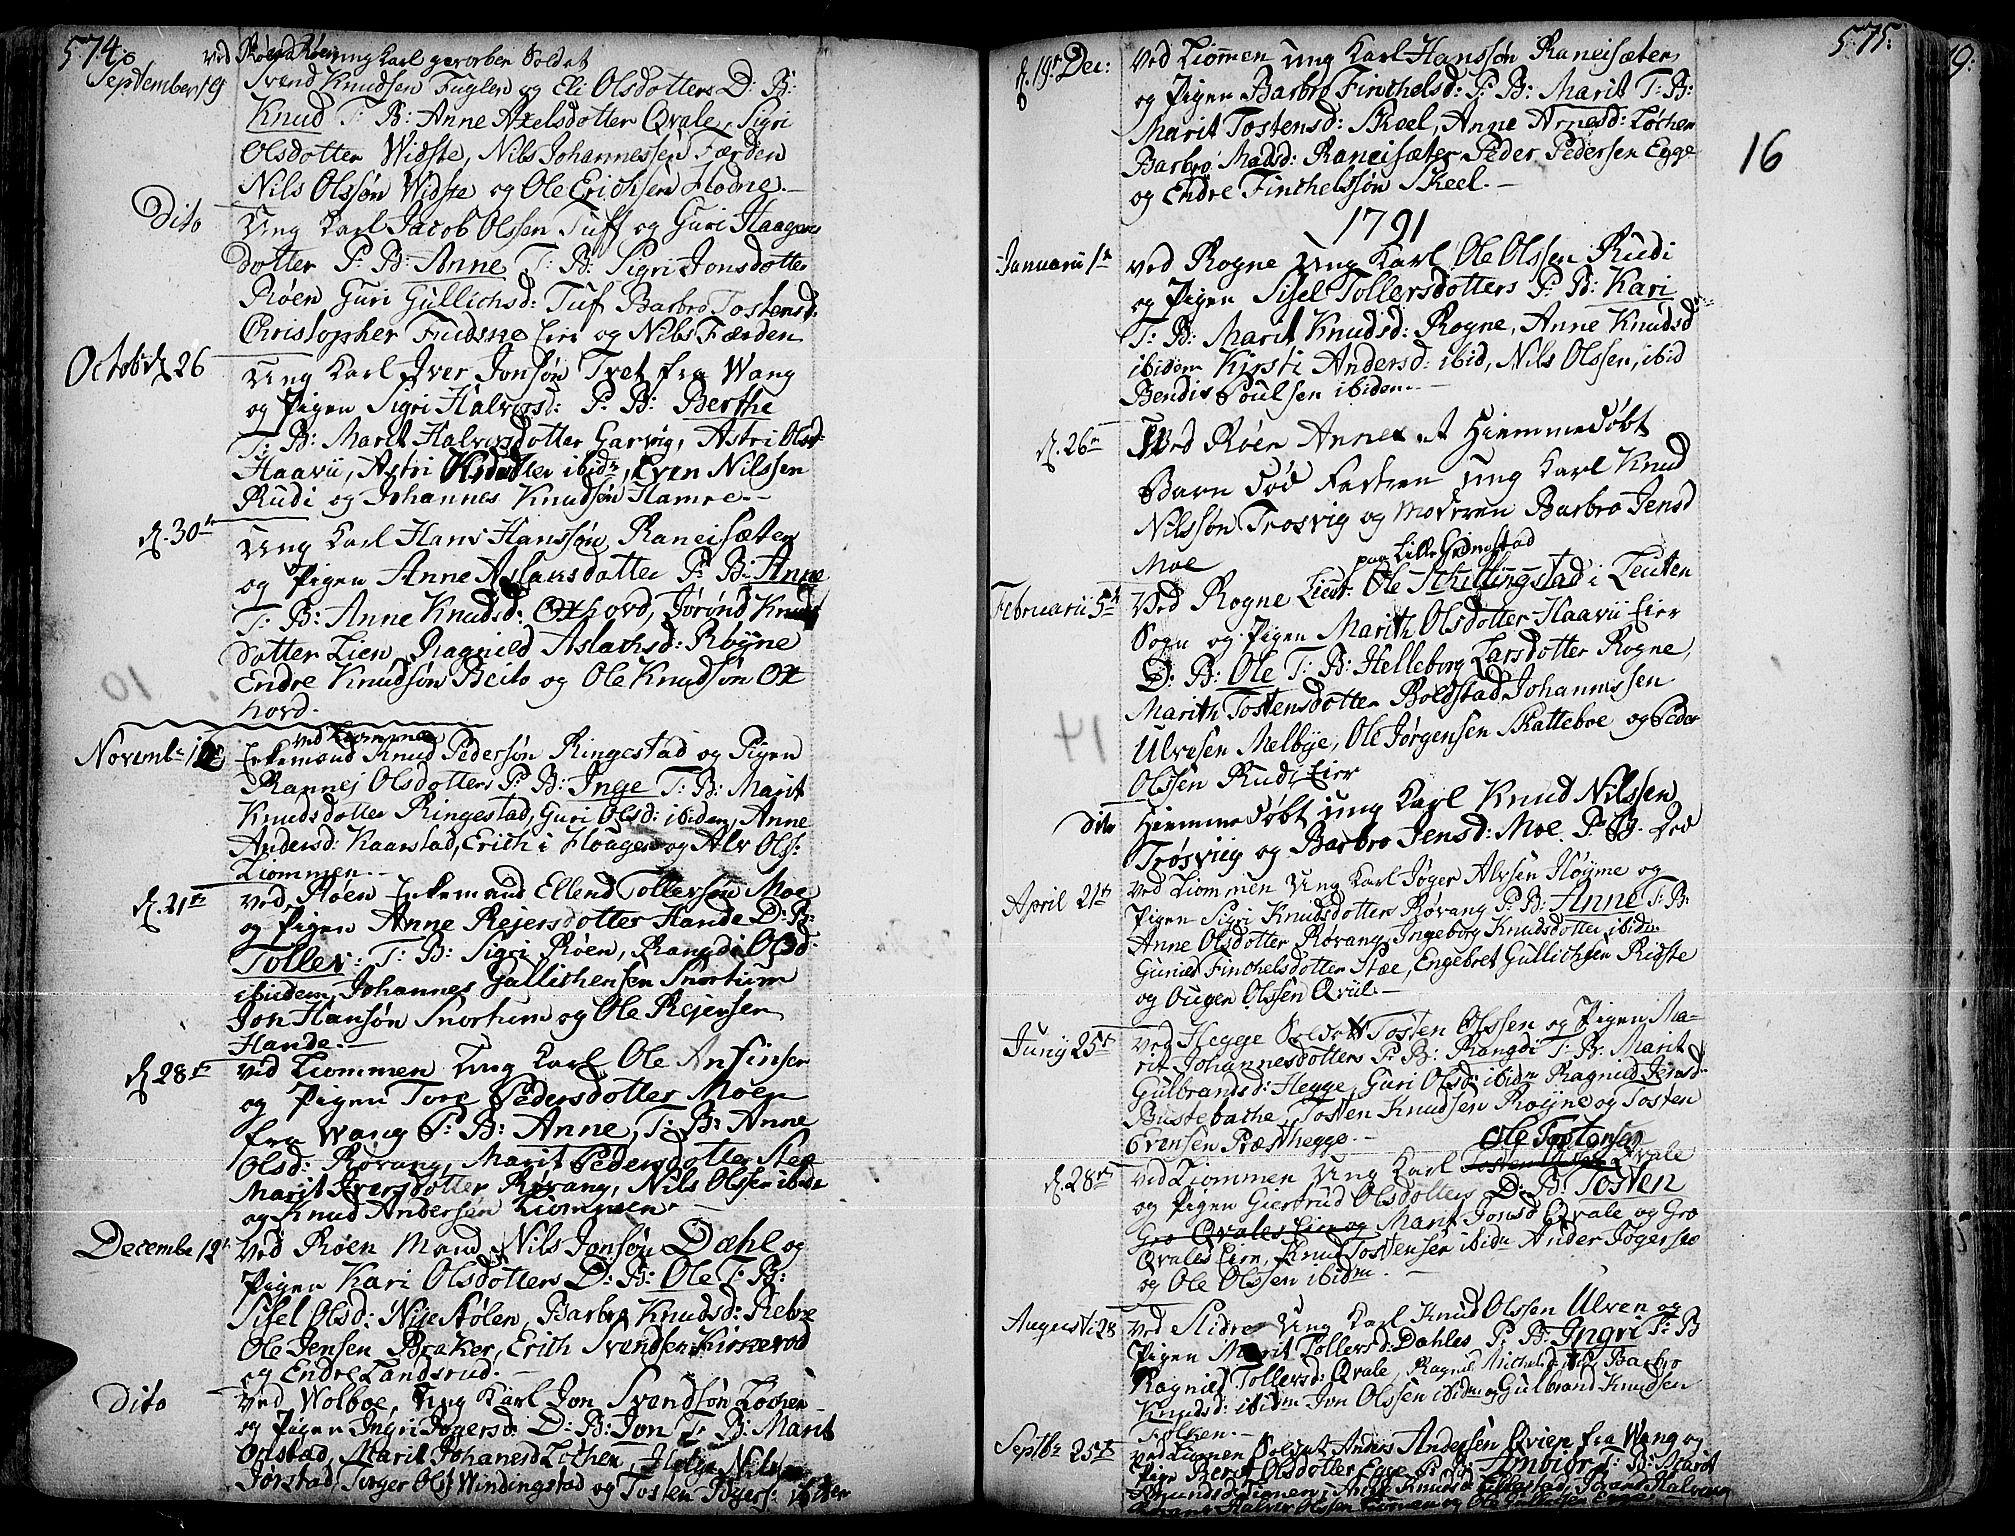 SAH, Slidre prestekontor, Ministerialbok nr. 1, 1724-1814, s. 574-575